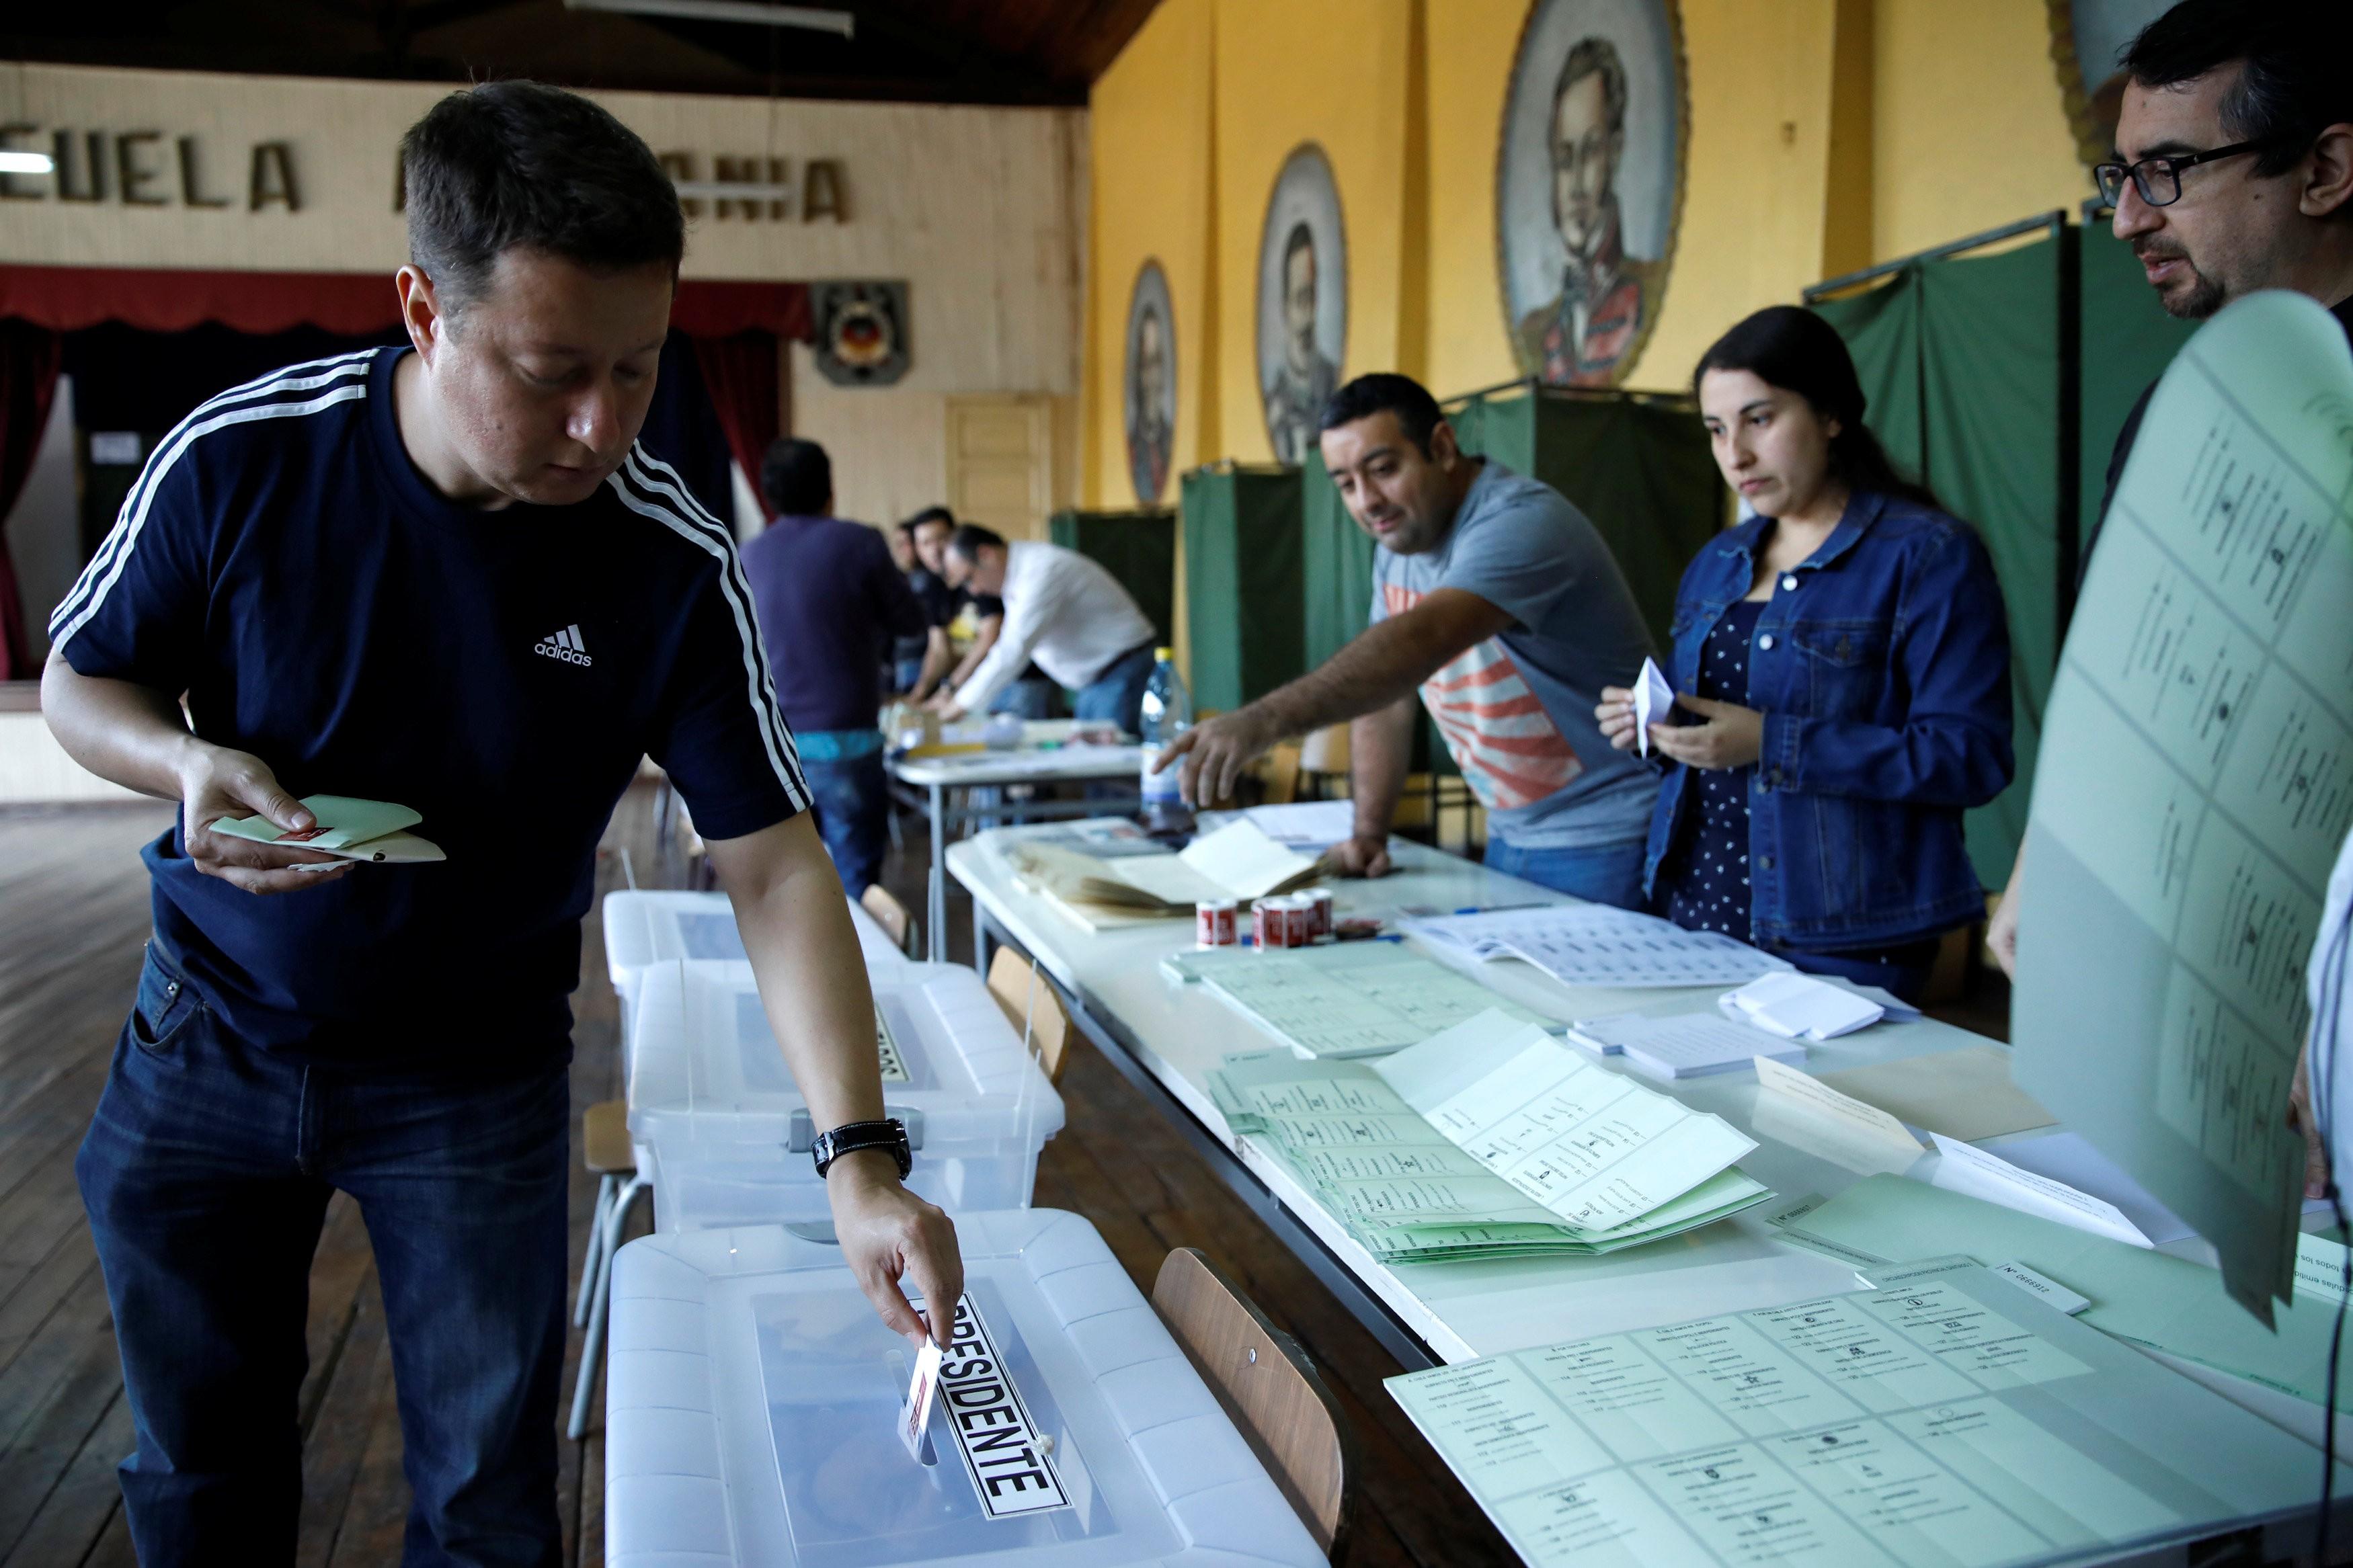 Chilenos começam votação para escolher novo presidente